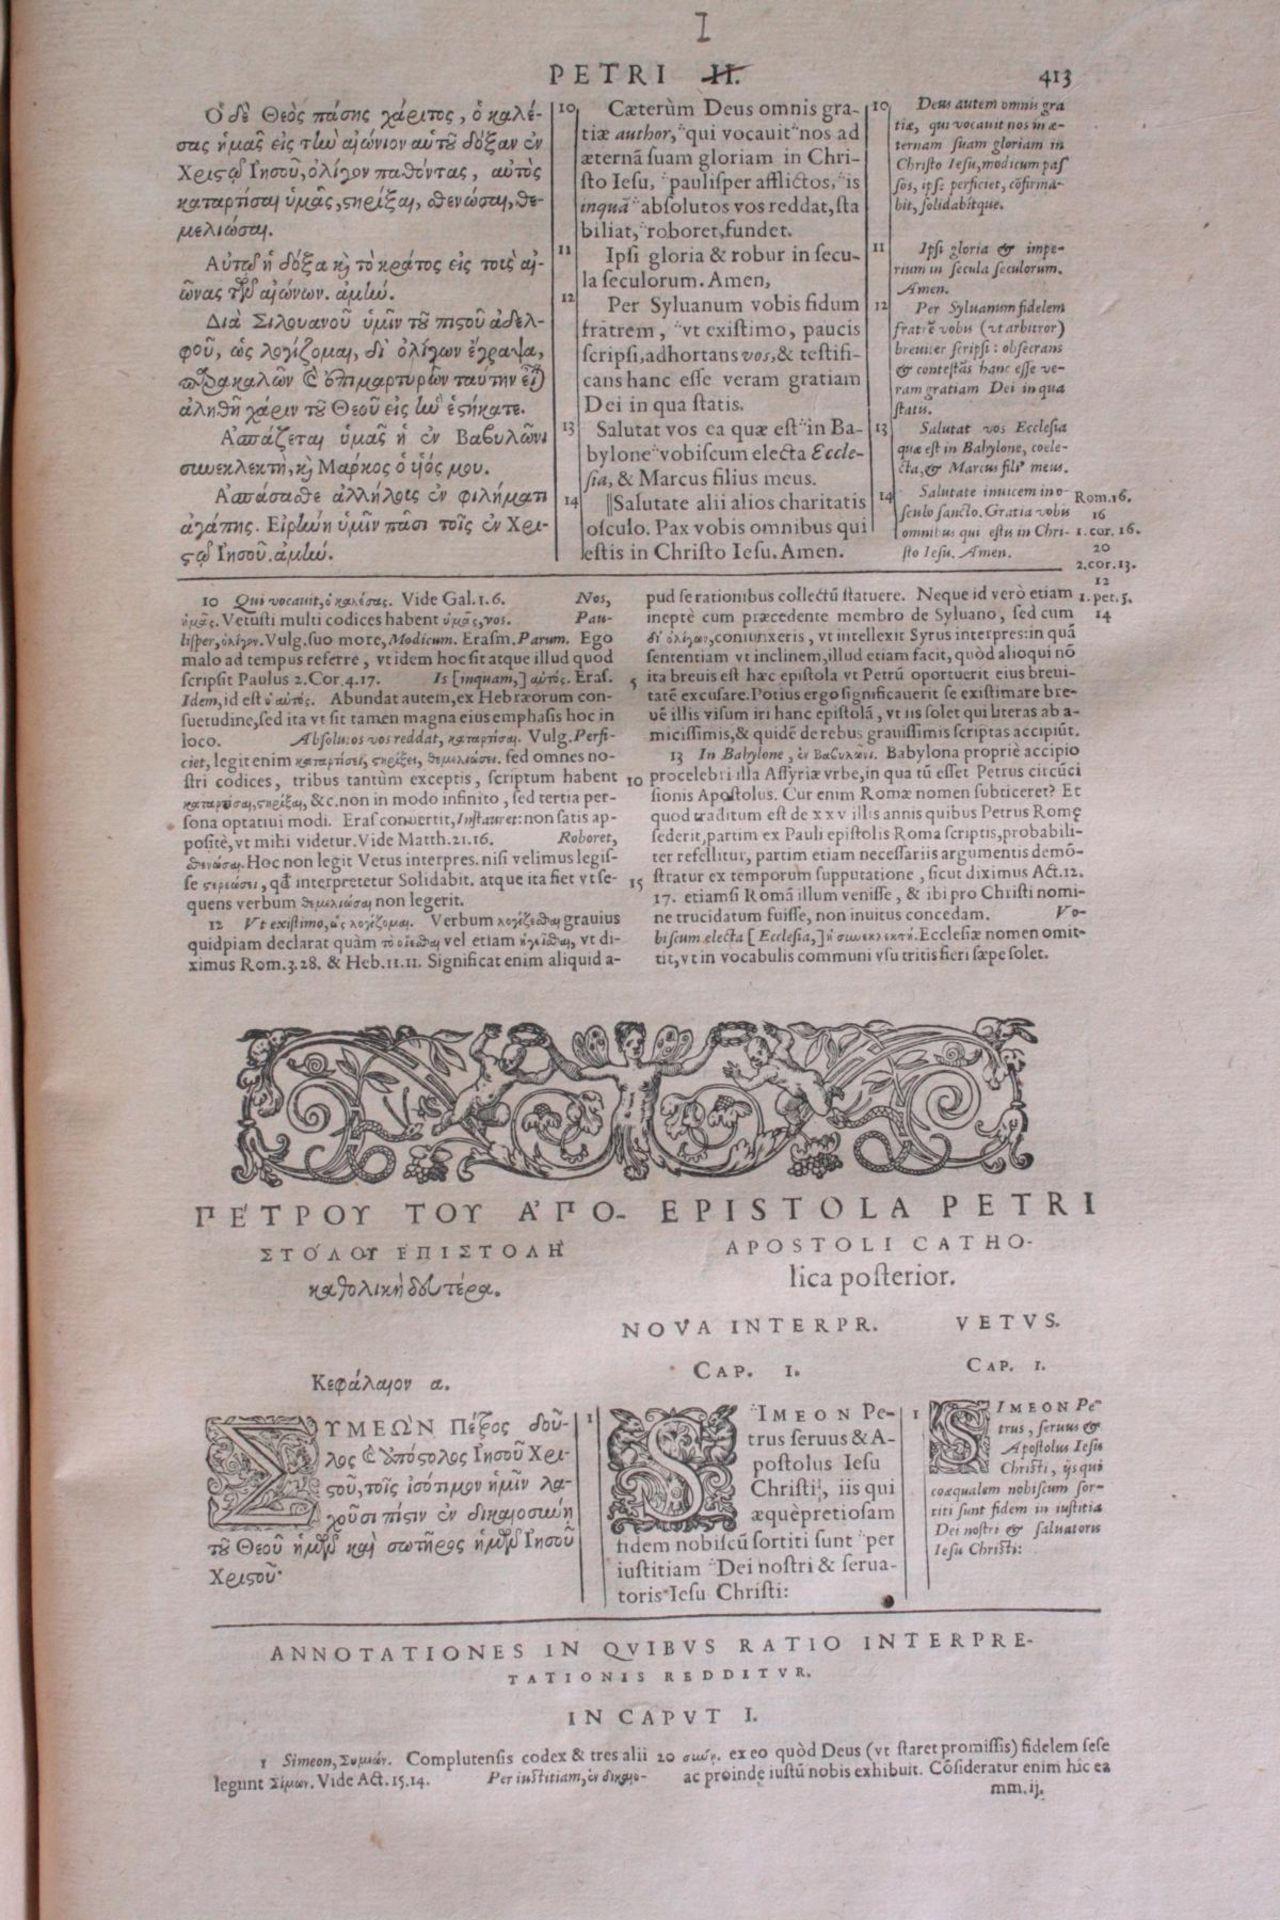 Griechische-Lateinische Bibel, Novum Testamentum 1582 - Bild 17 aus 23